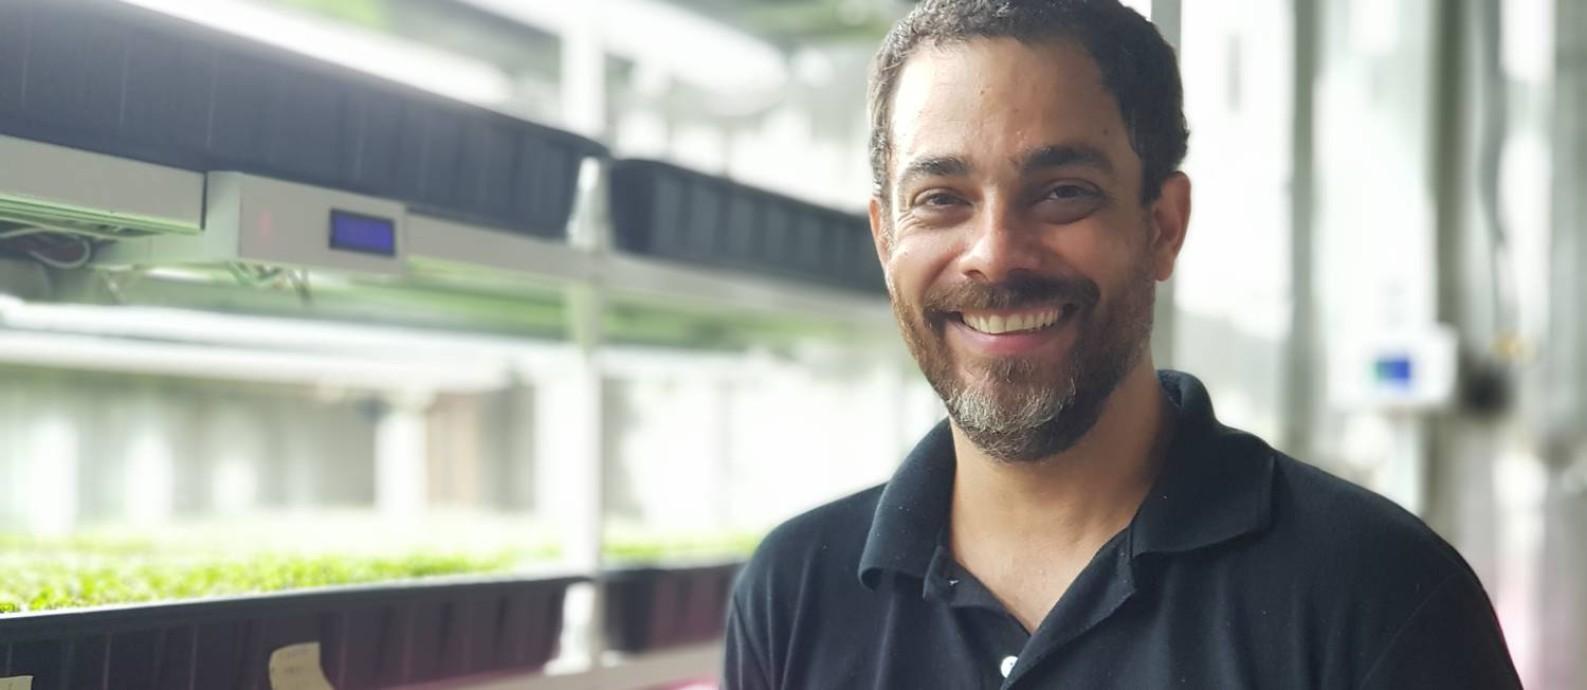 Rodrigo Meyer produz microverdes em contêineres instalados em Guaratiba e distribui para supermercados e restaurantes da cidade Foto: Sérgio Matsuura / O Globo